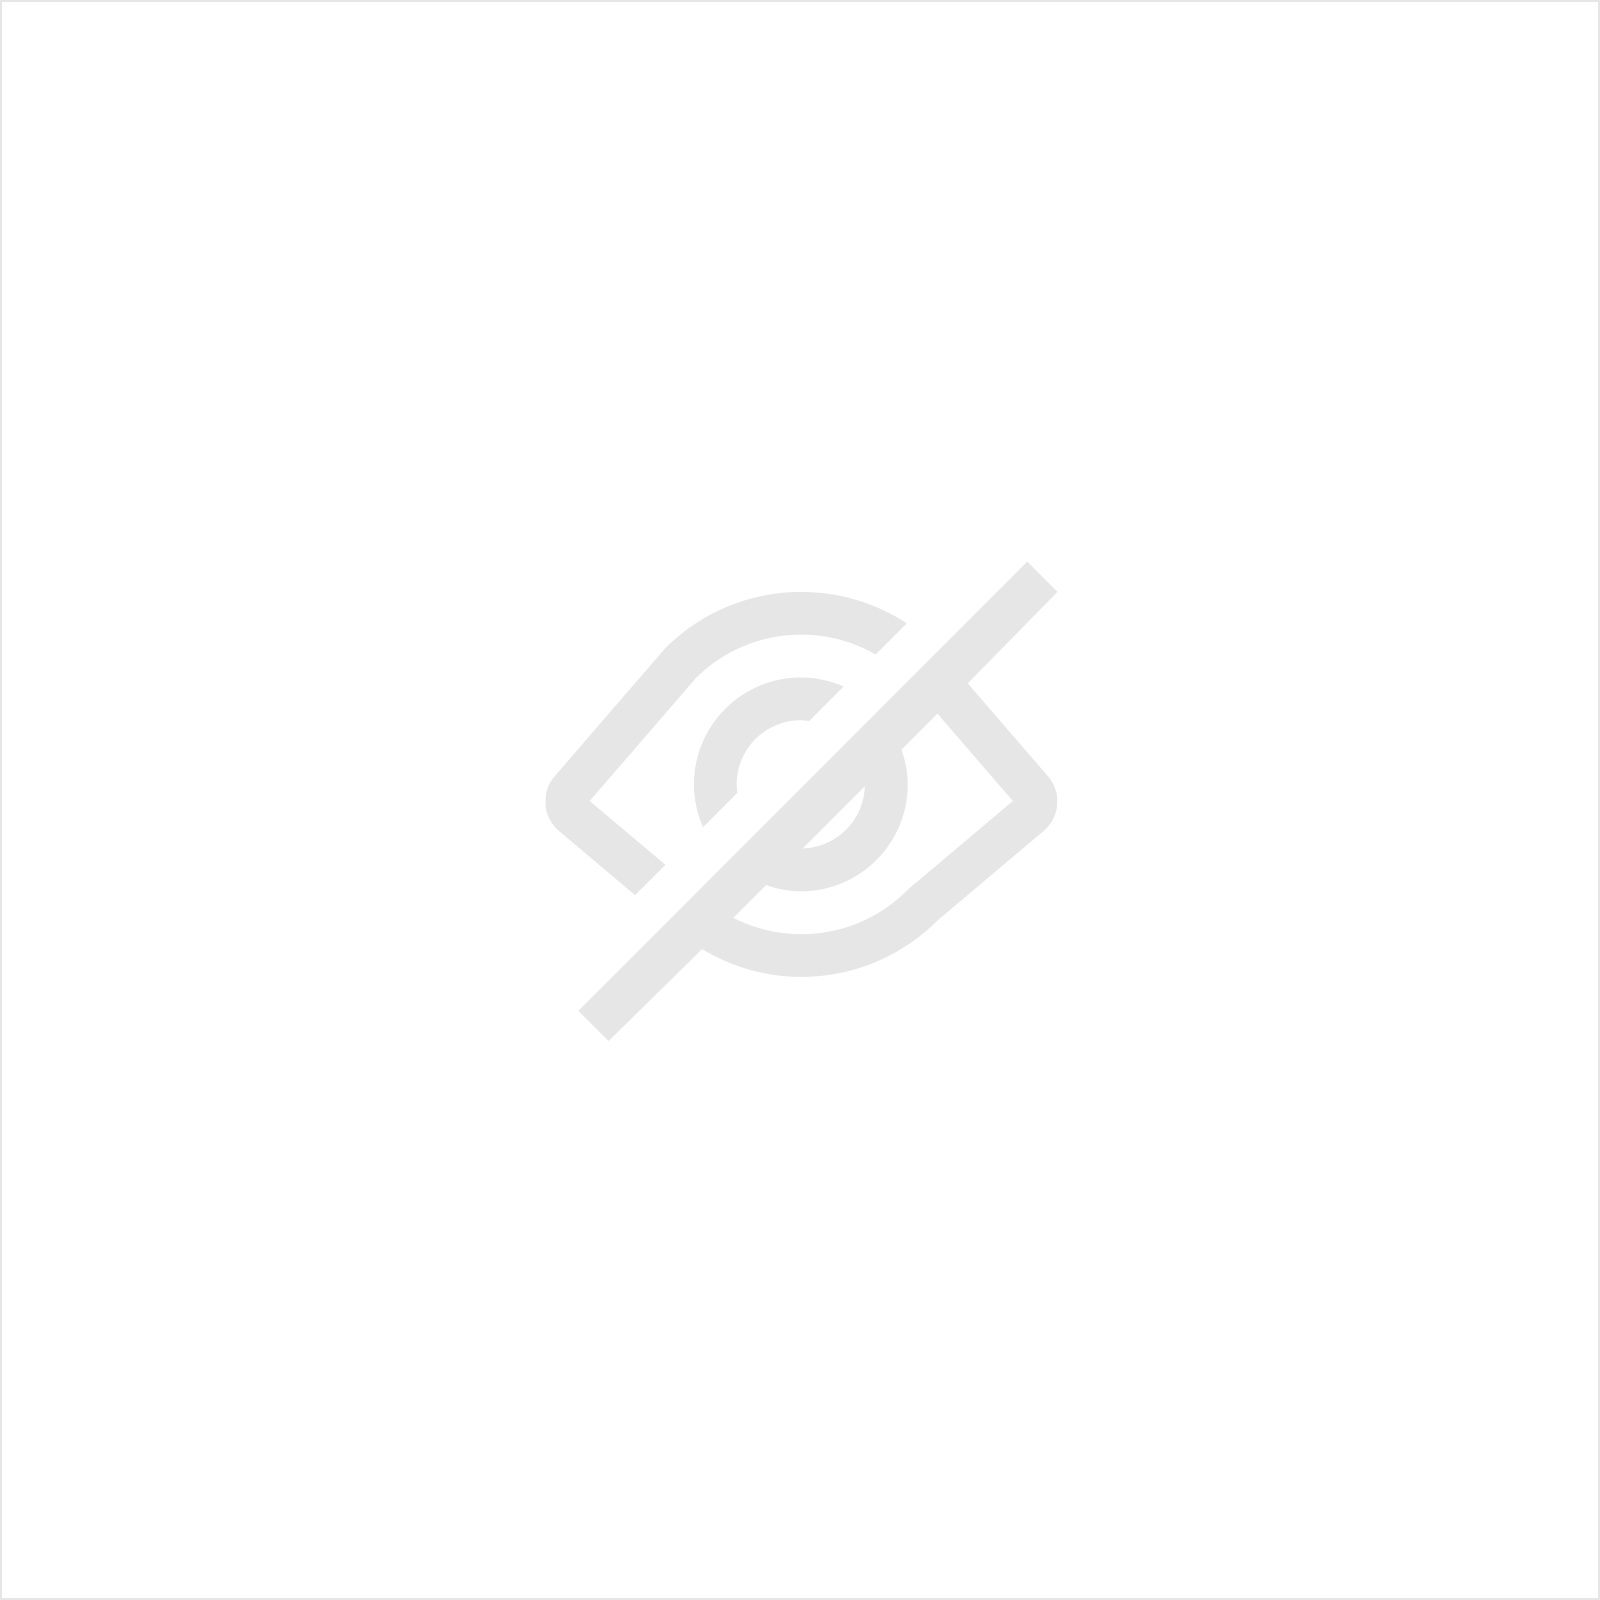 OUATOR KOPER / GLANS KATOEN 75gr